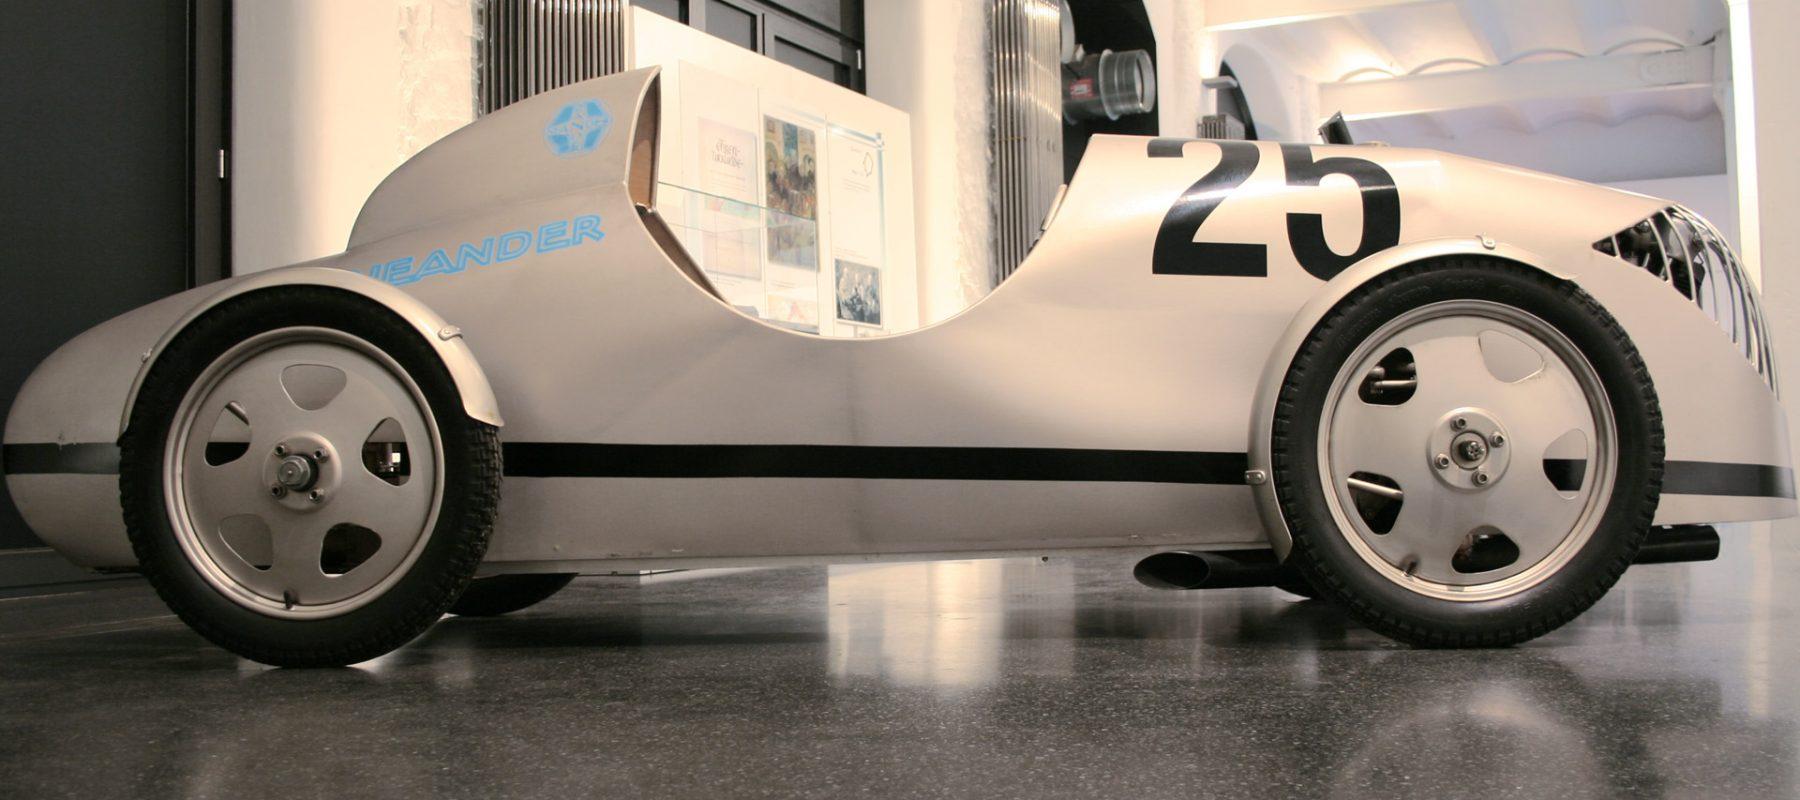 2010 zeigte das Hamburger Automuseum PROTOTYP in Zusammenarbeit mit den Archiven Thomas Trapp und Reinhold Kraft eine Sonderausstellung über das Leben und Werk von Ernst Neumann-Neander. Dieser war Erfinder, Automobildesigner, Konstrukteur, Maler, Illustrator und vieles mehr. Ein besonderes Highlight waren die Motorräder aus den 1920er und 1940er Jahren sowie die Fahrmaschinen, die Ernst Neumann-Neander in den späten 1930er Jahren konstruierte.